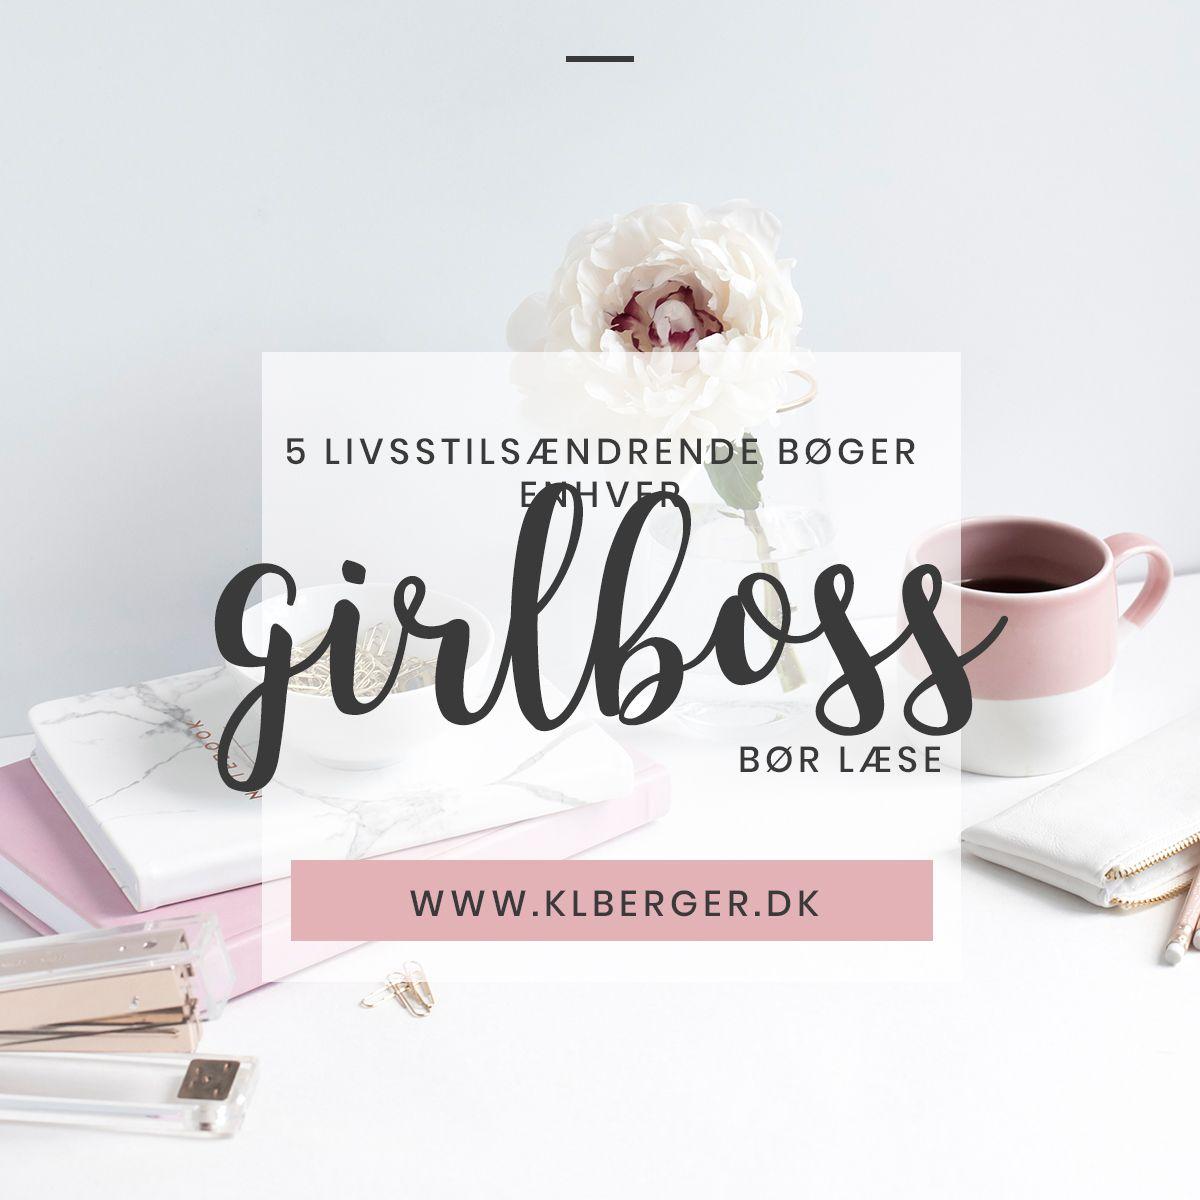 5 livsstilsændrende bøger, enhver